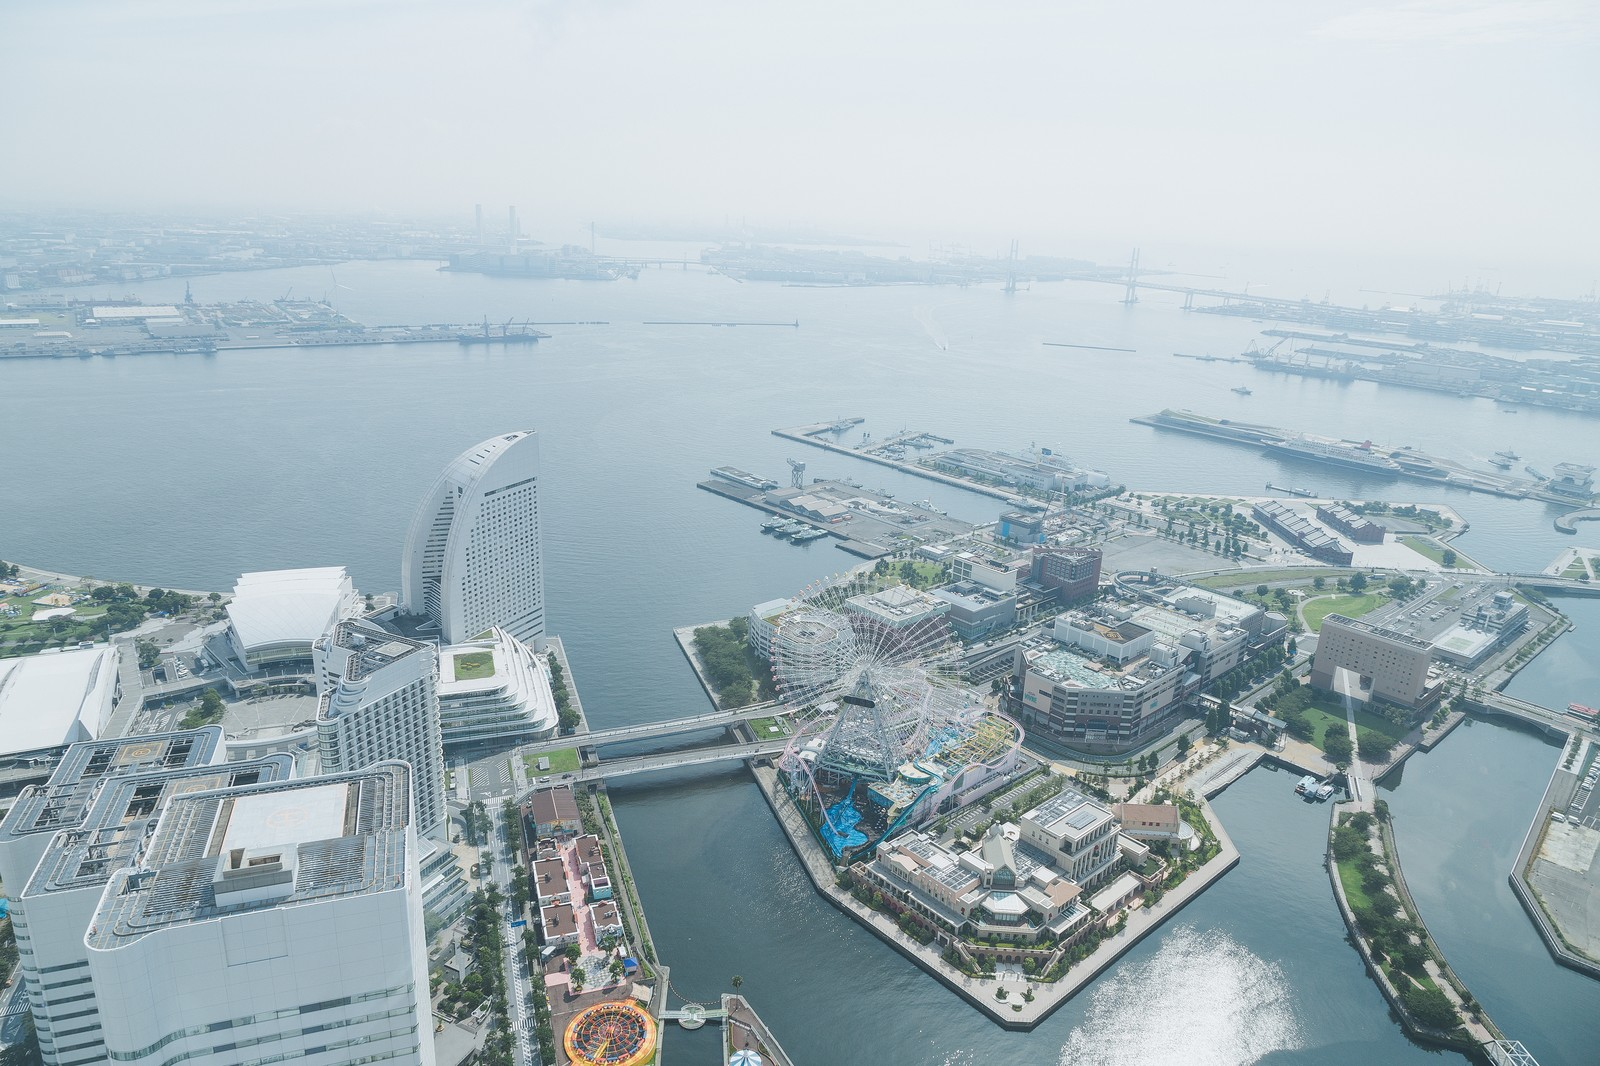 「横浜みなとみらいの景観横浜みなとみらいの景観」のフリー写真素材を拡大